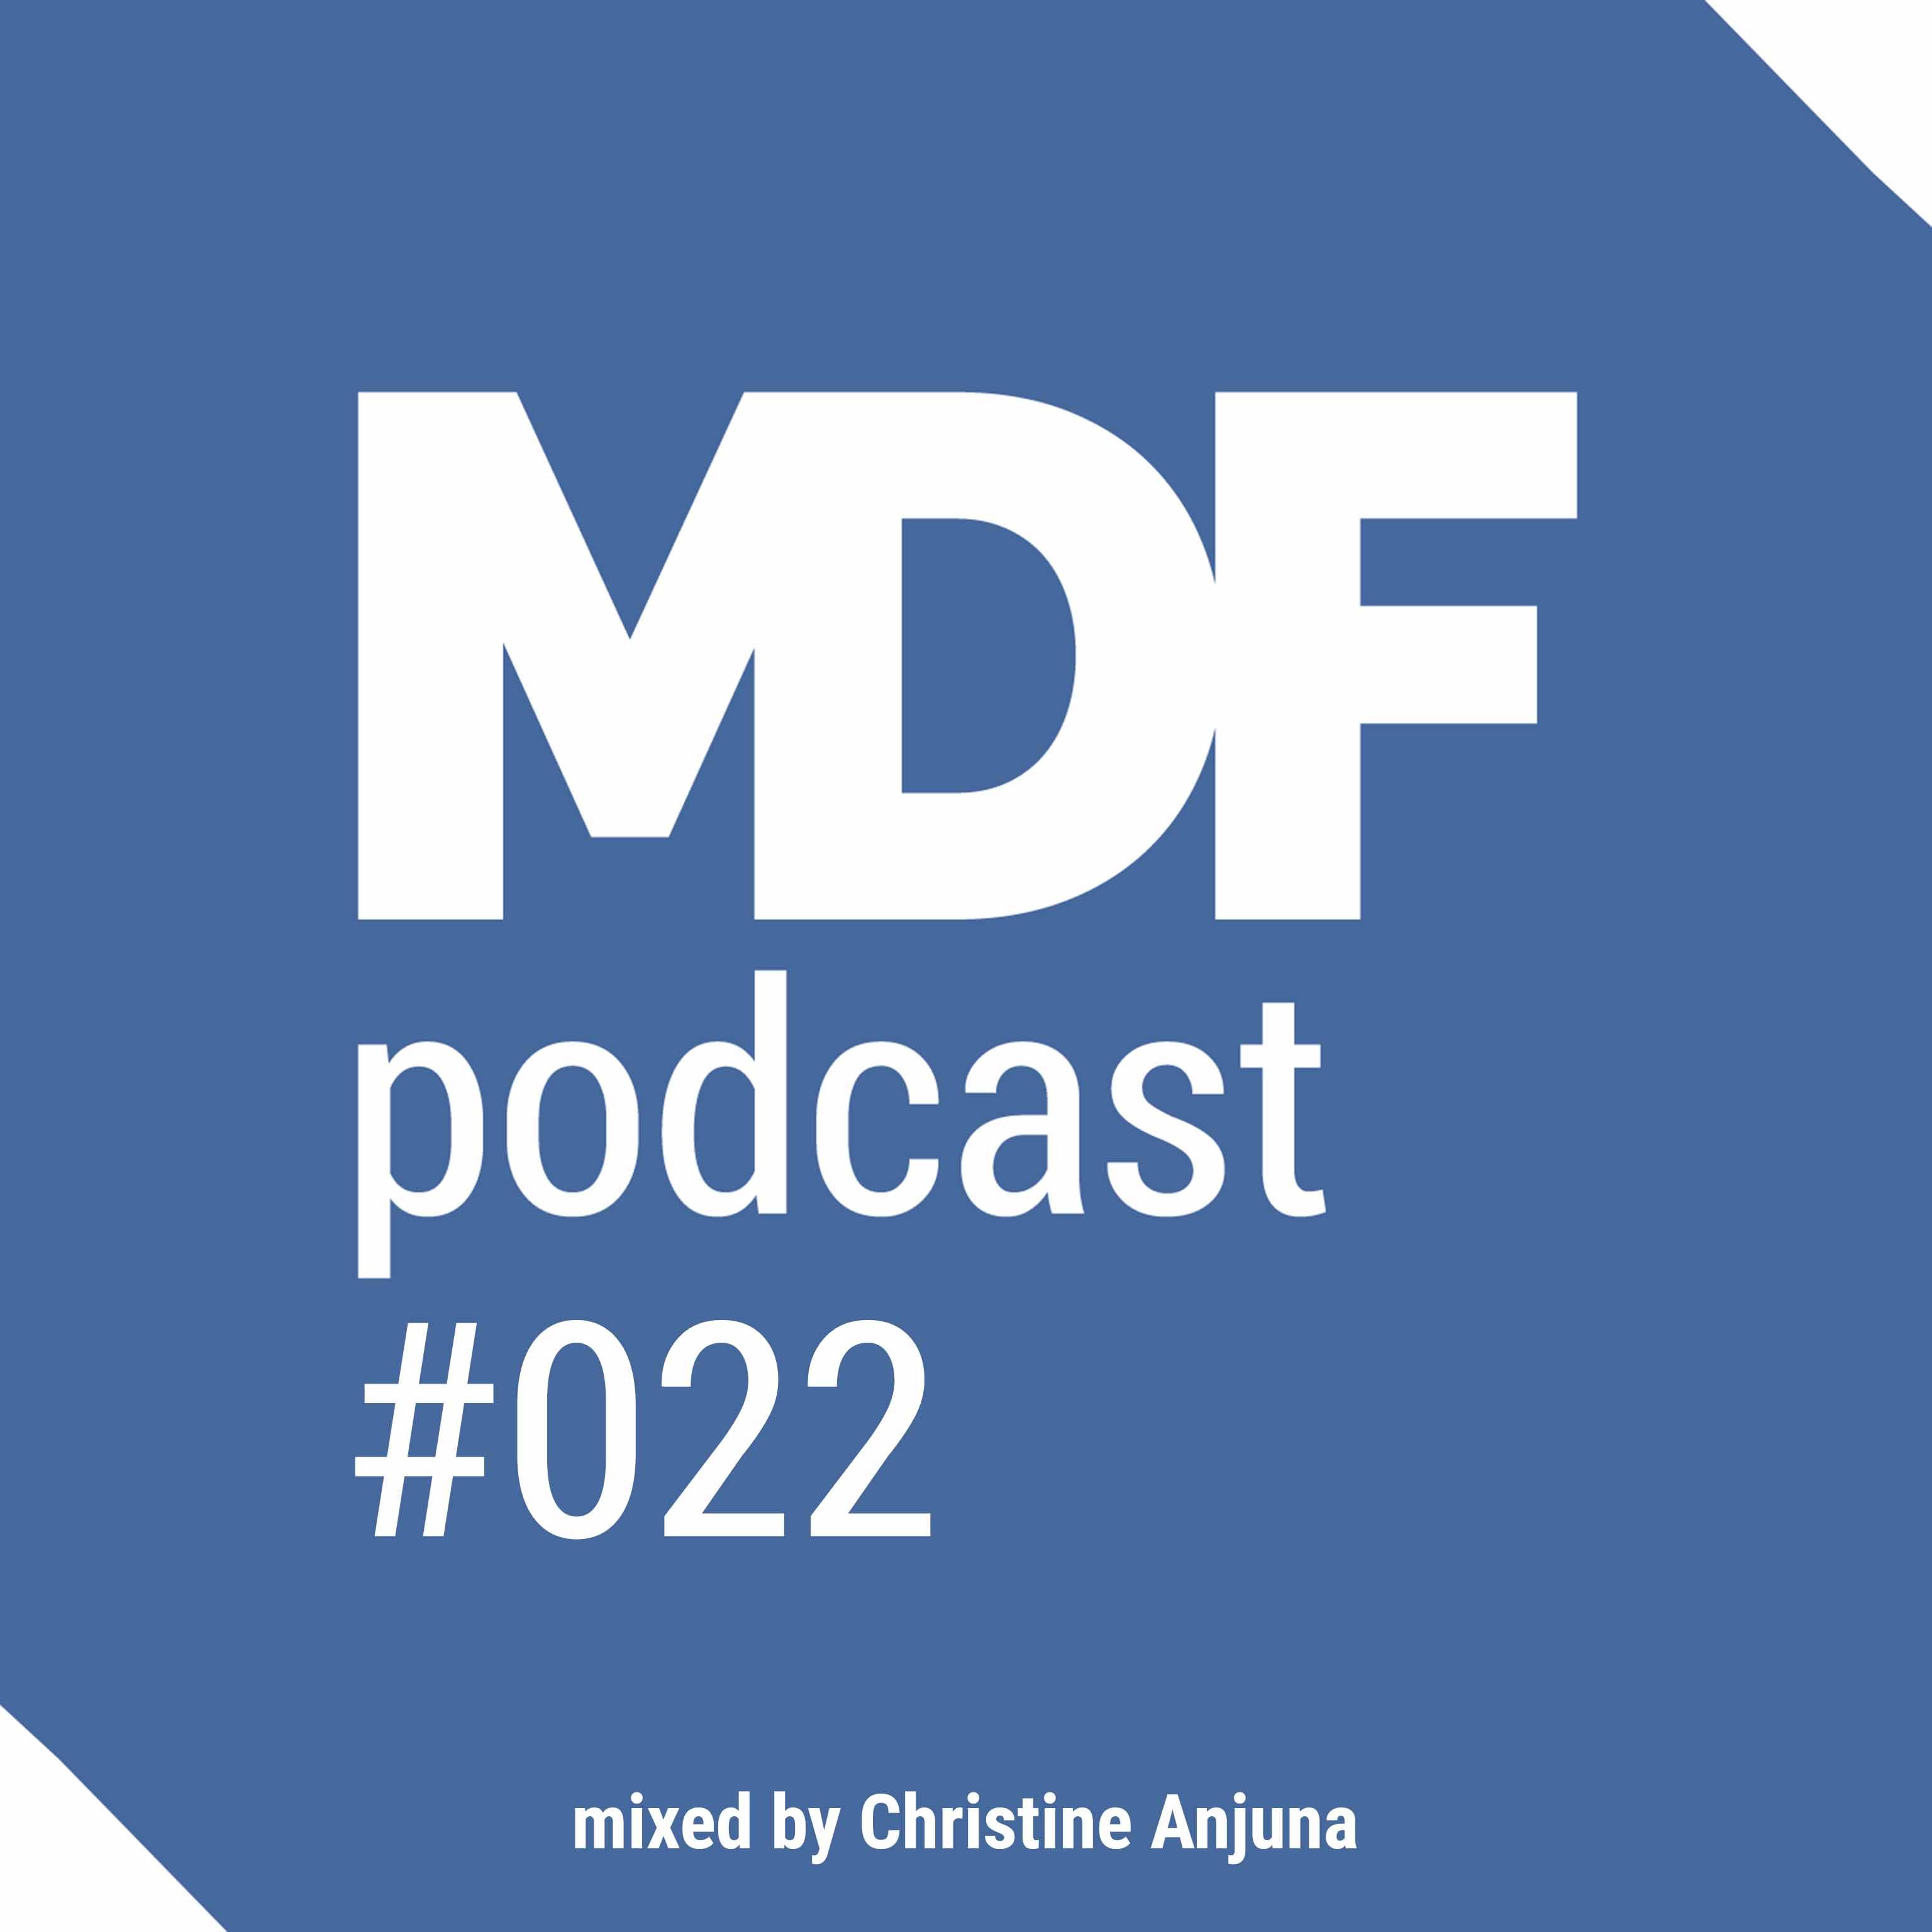 MDF Podcast o22